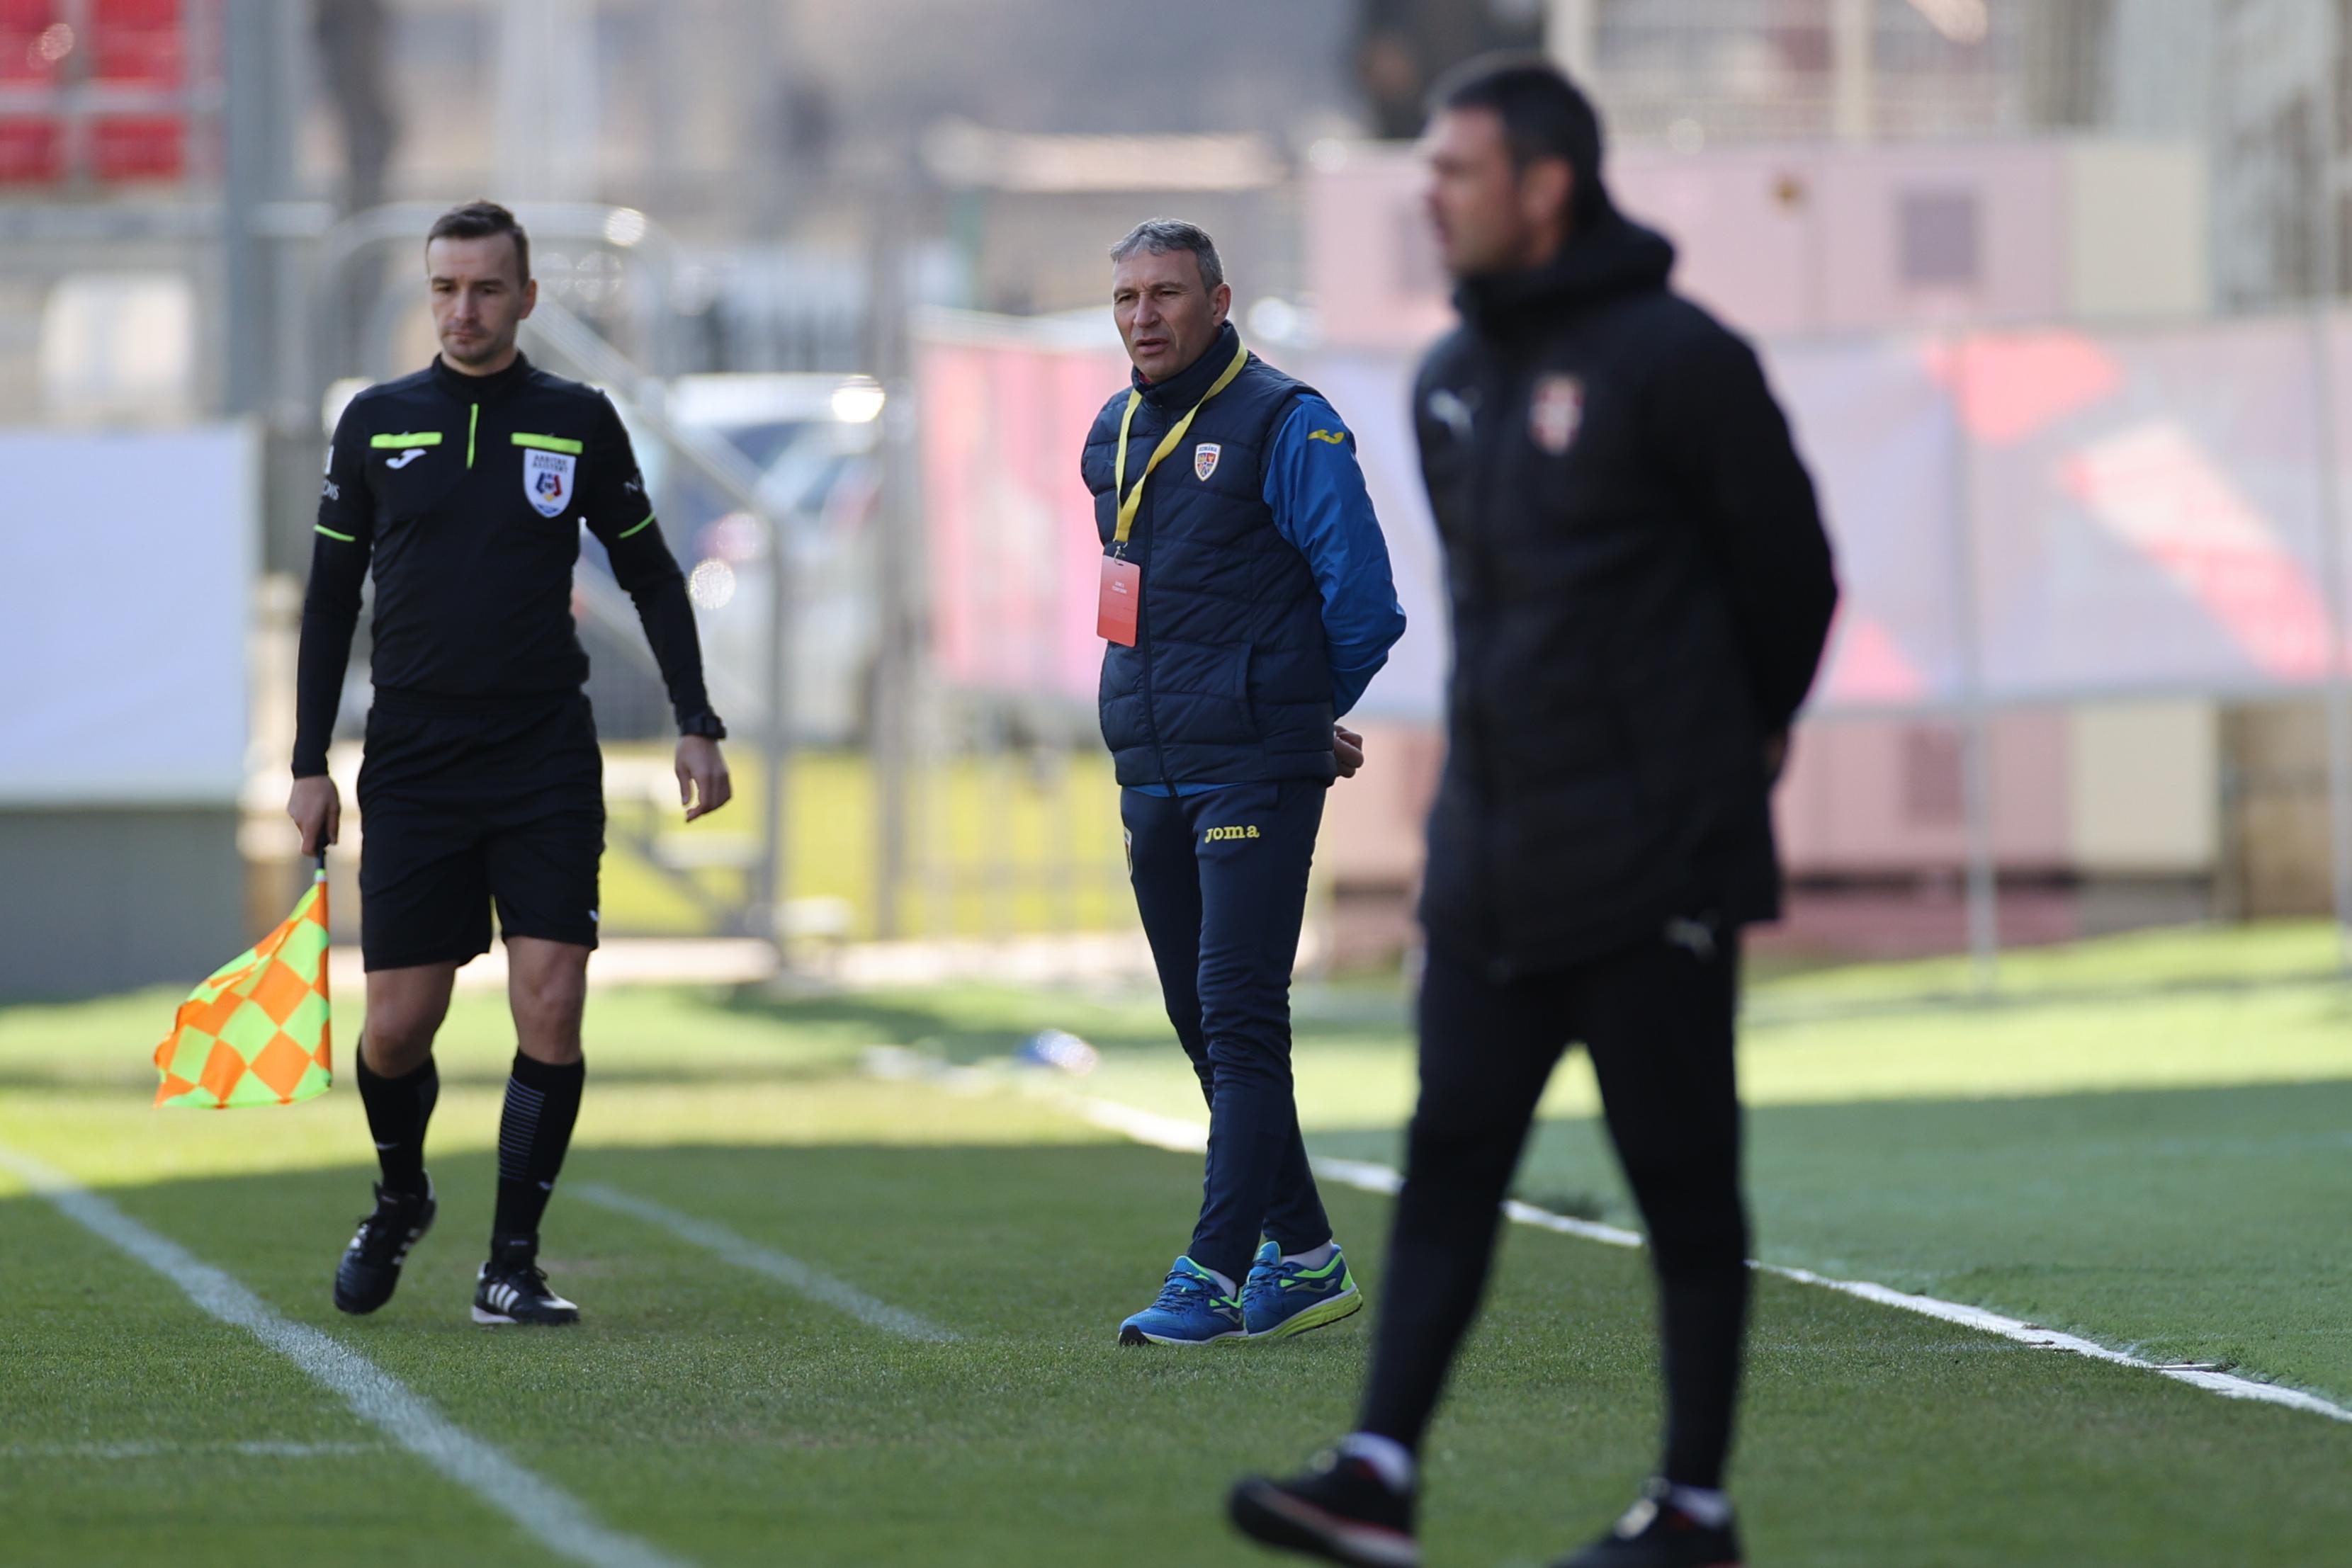 Daniel Oprescu in meciul amical de fotbal dintre Romania U19 si Serbia U19, desfasurat fara spectatori pe Stadionul Francisc Neuman din Arad, miercuri 10 martie 2021